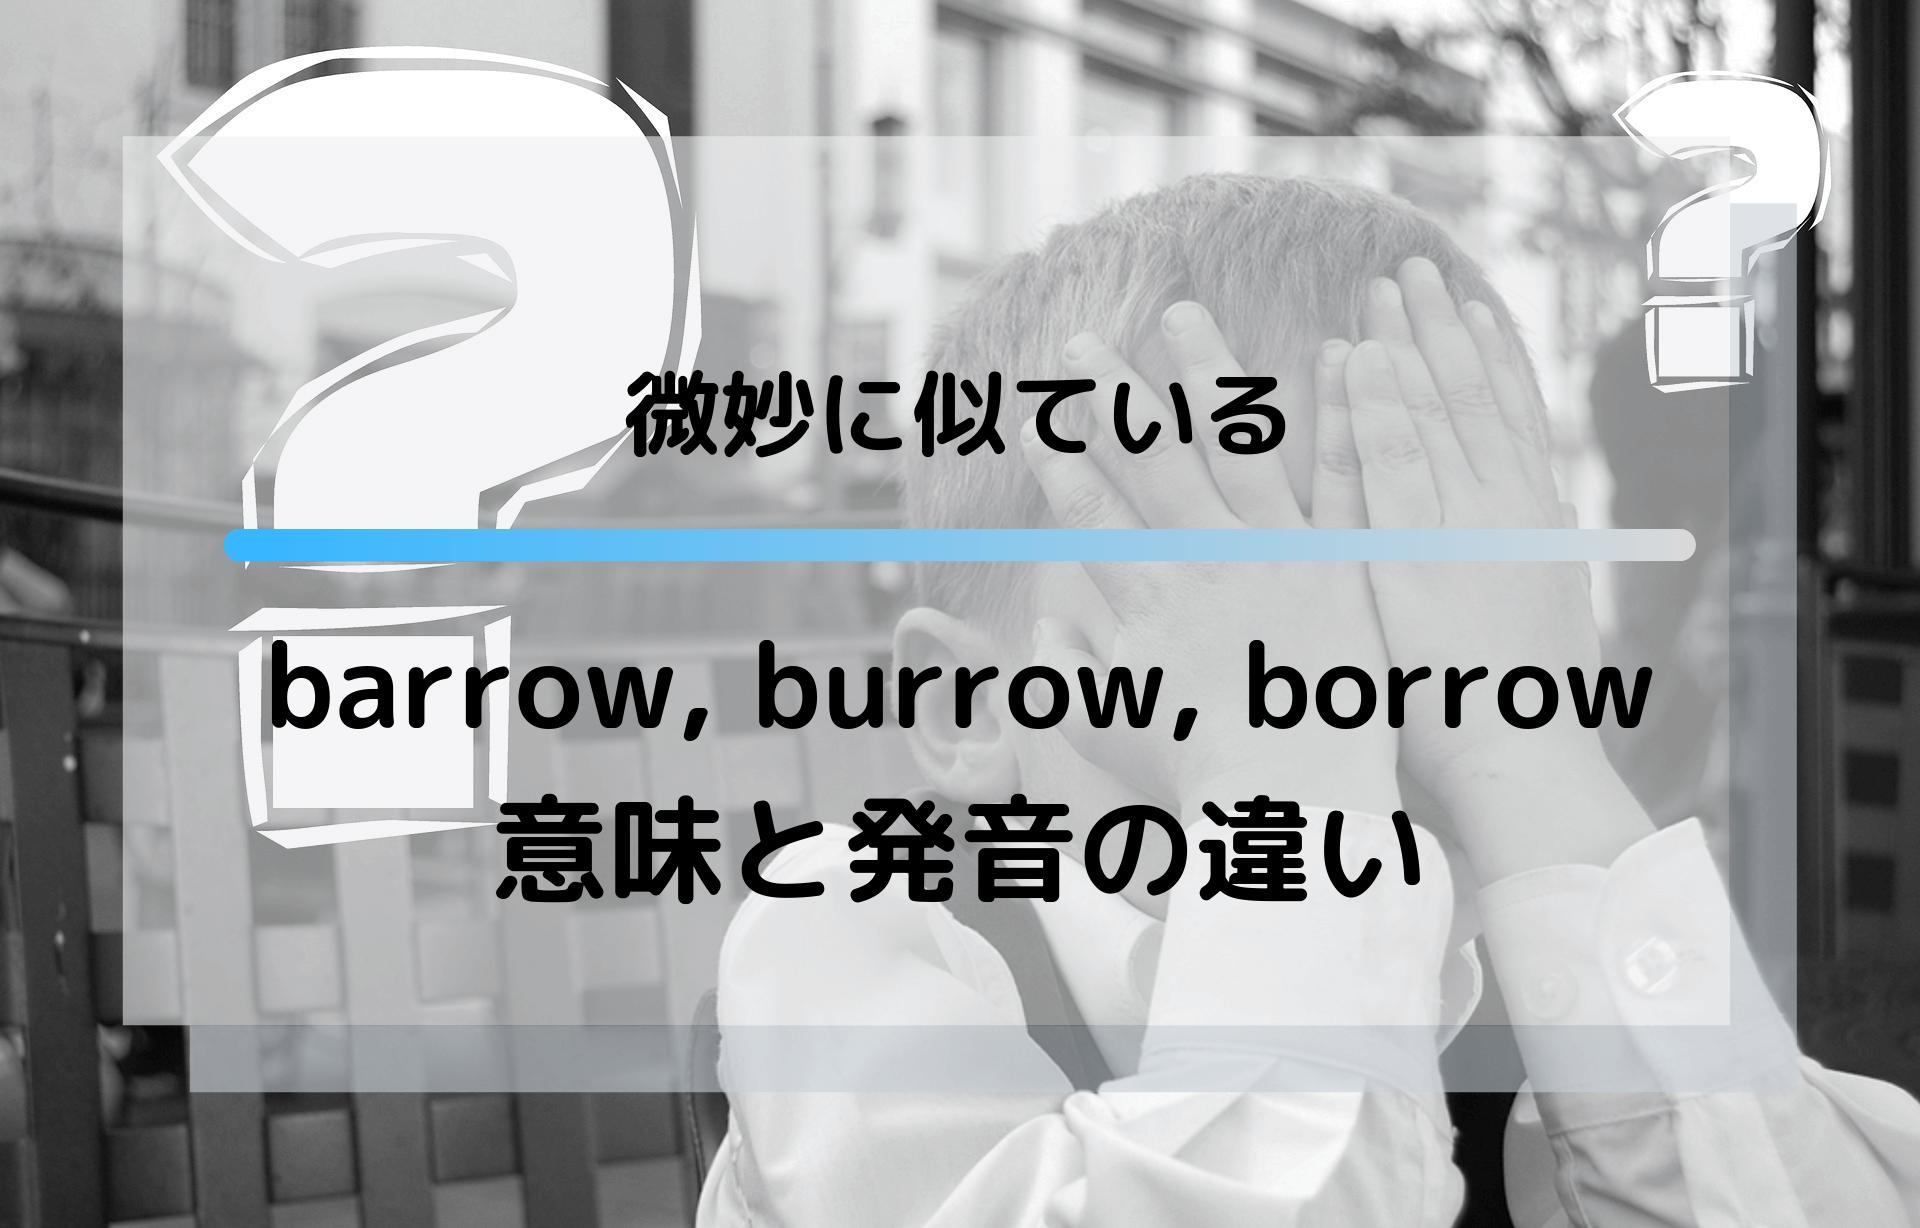 微妙に似ている barrow, burrow, borrowの意味と発音の違い